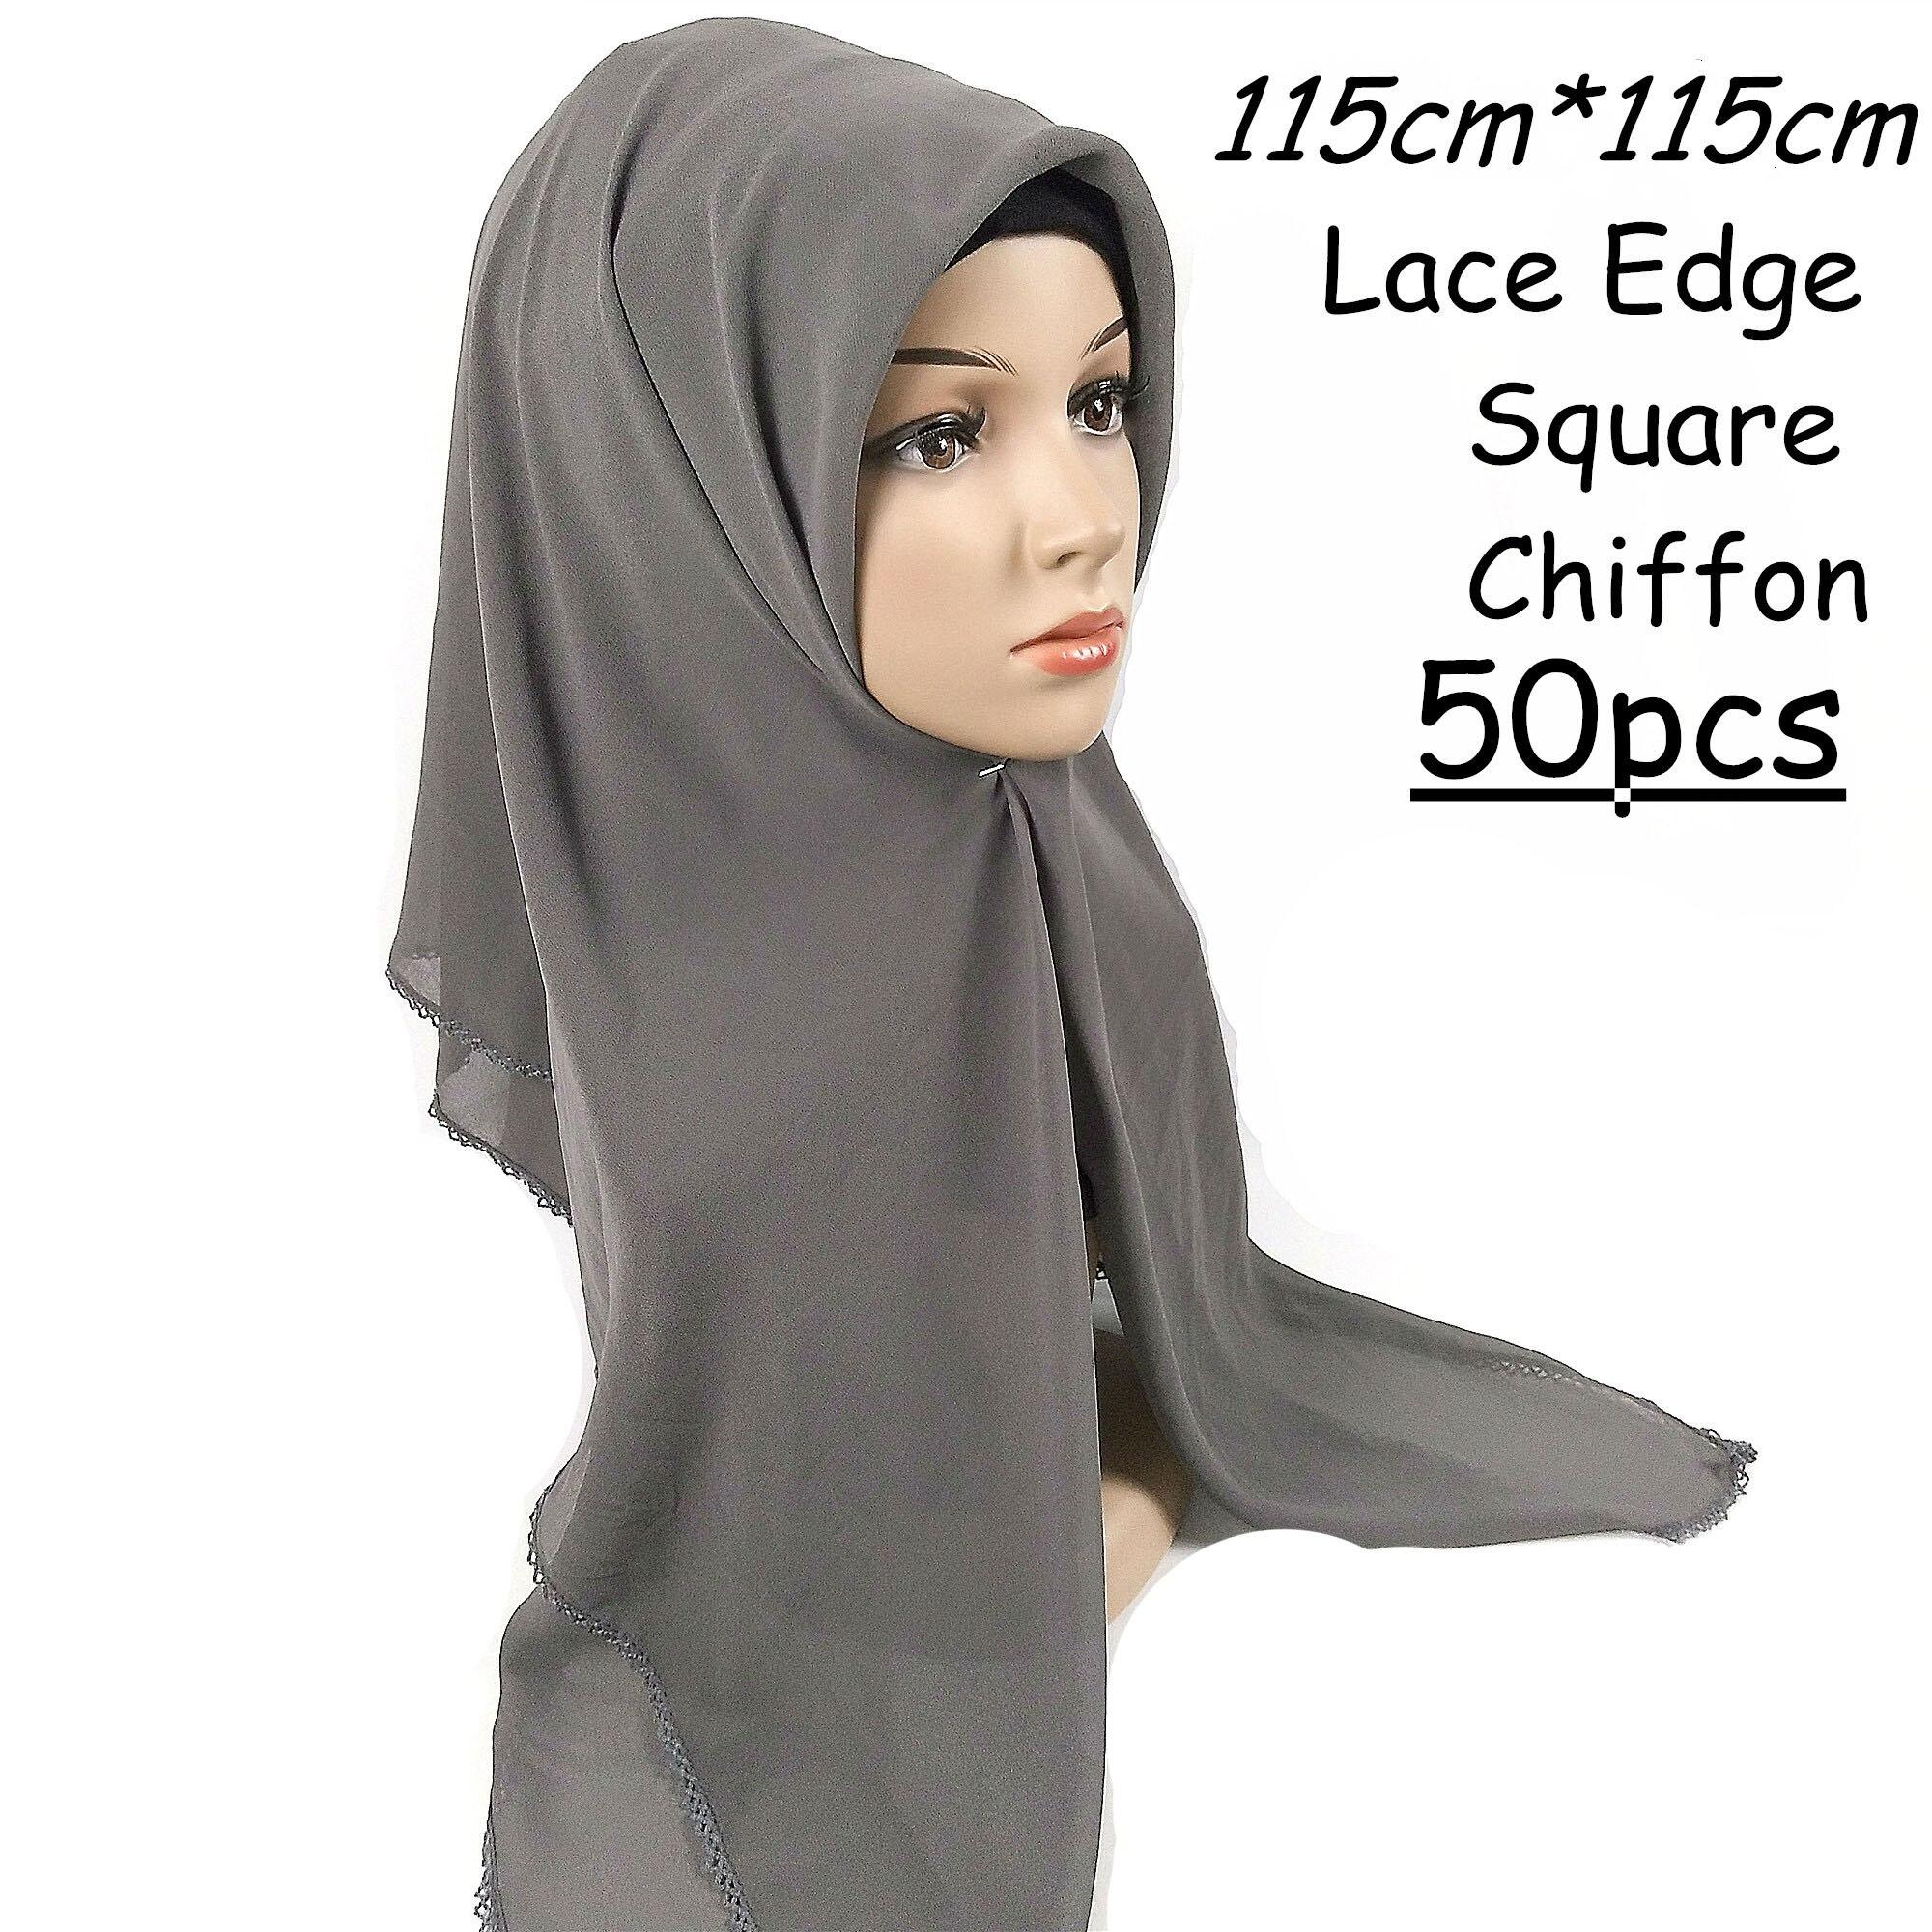 Quente a Venda Escolher as Cores Alta Qualidade Lace Praça Bolha Chiffon 115*115 Centímetros Envoltório Hijab Mulheres Xales Cachecóis Cachecol Pode w6 50pcs